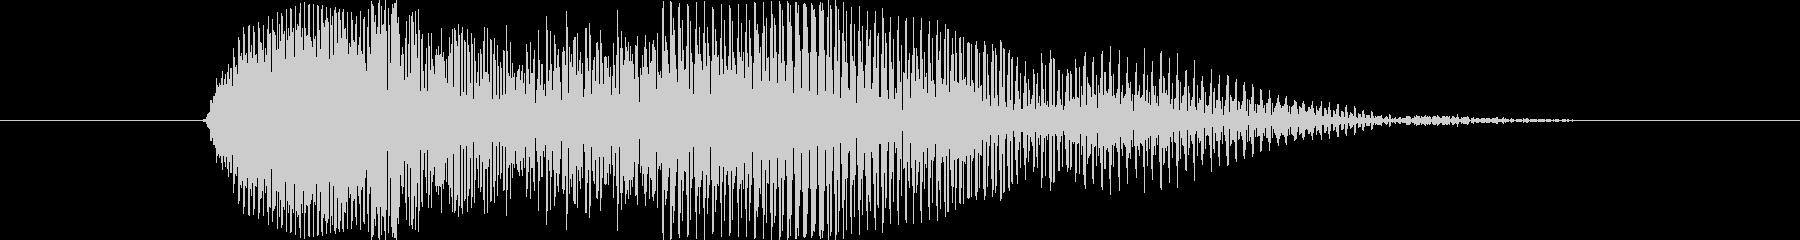 鳴き声 男性の恐ろしい悲鳴03の未再生の波形